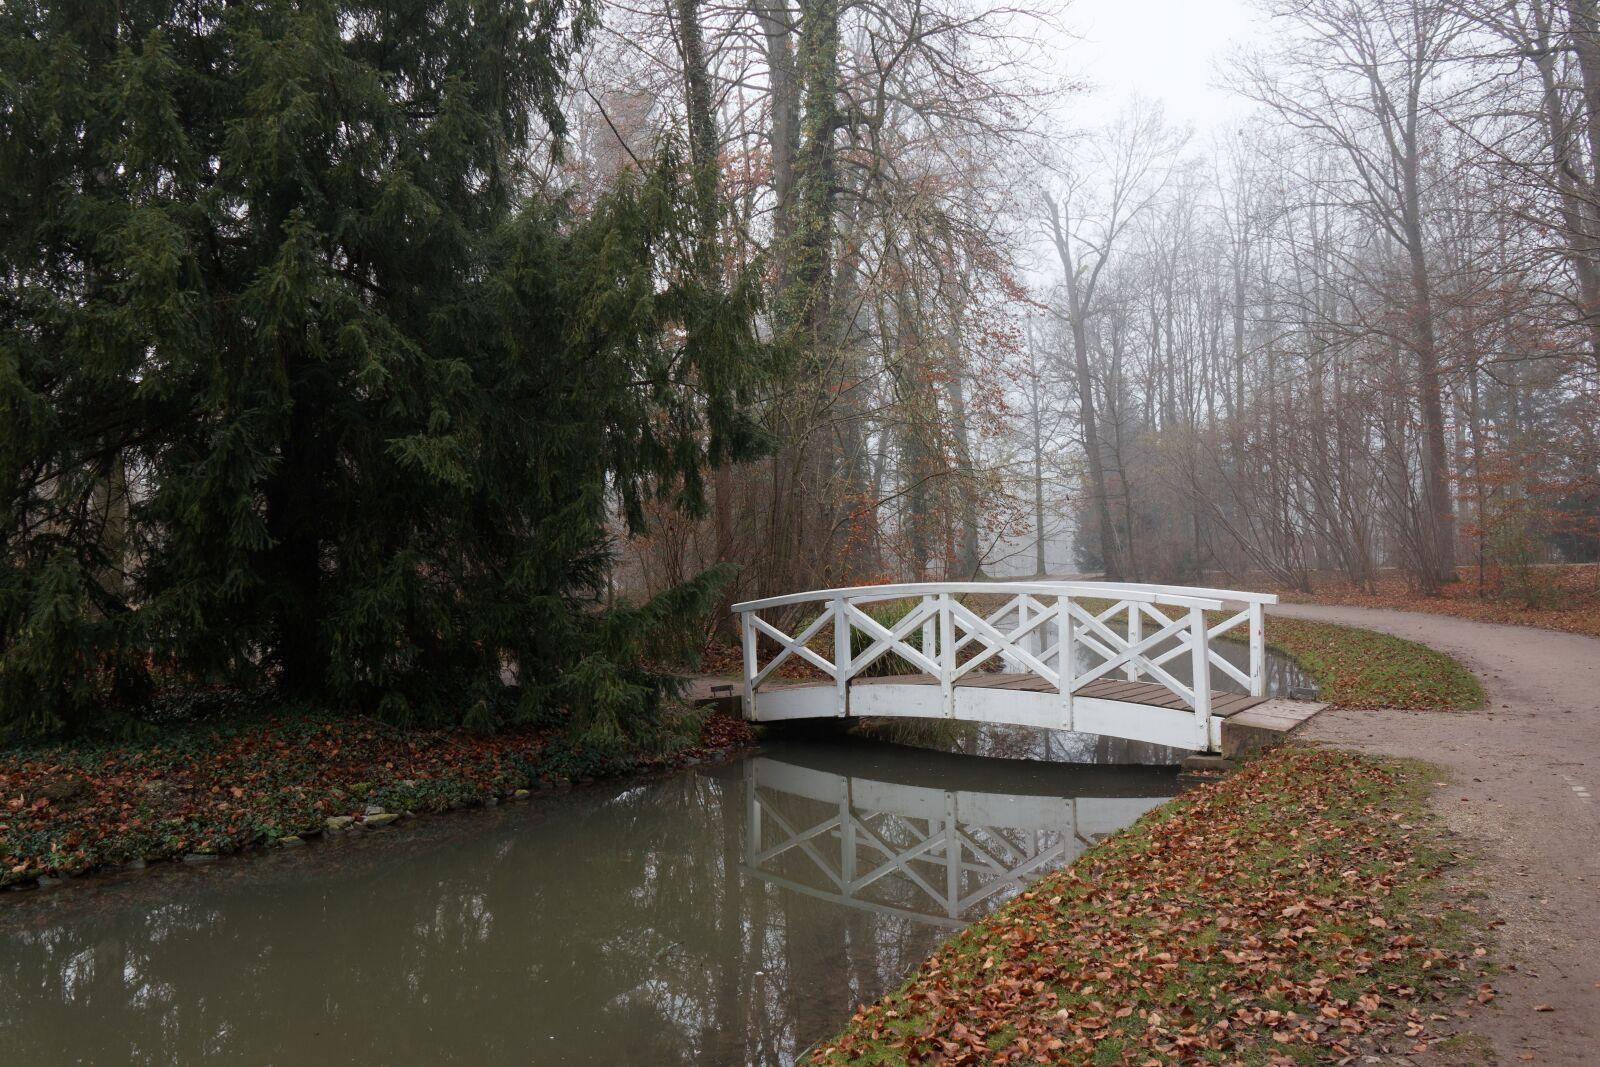 schlossgarten, schwetzingen, january